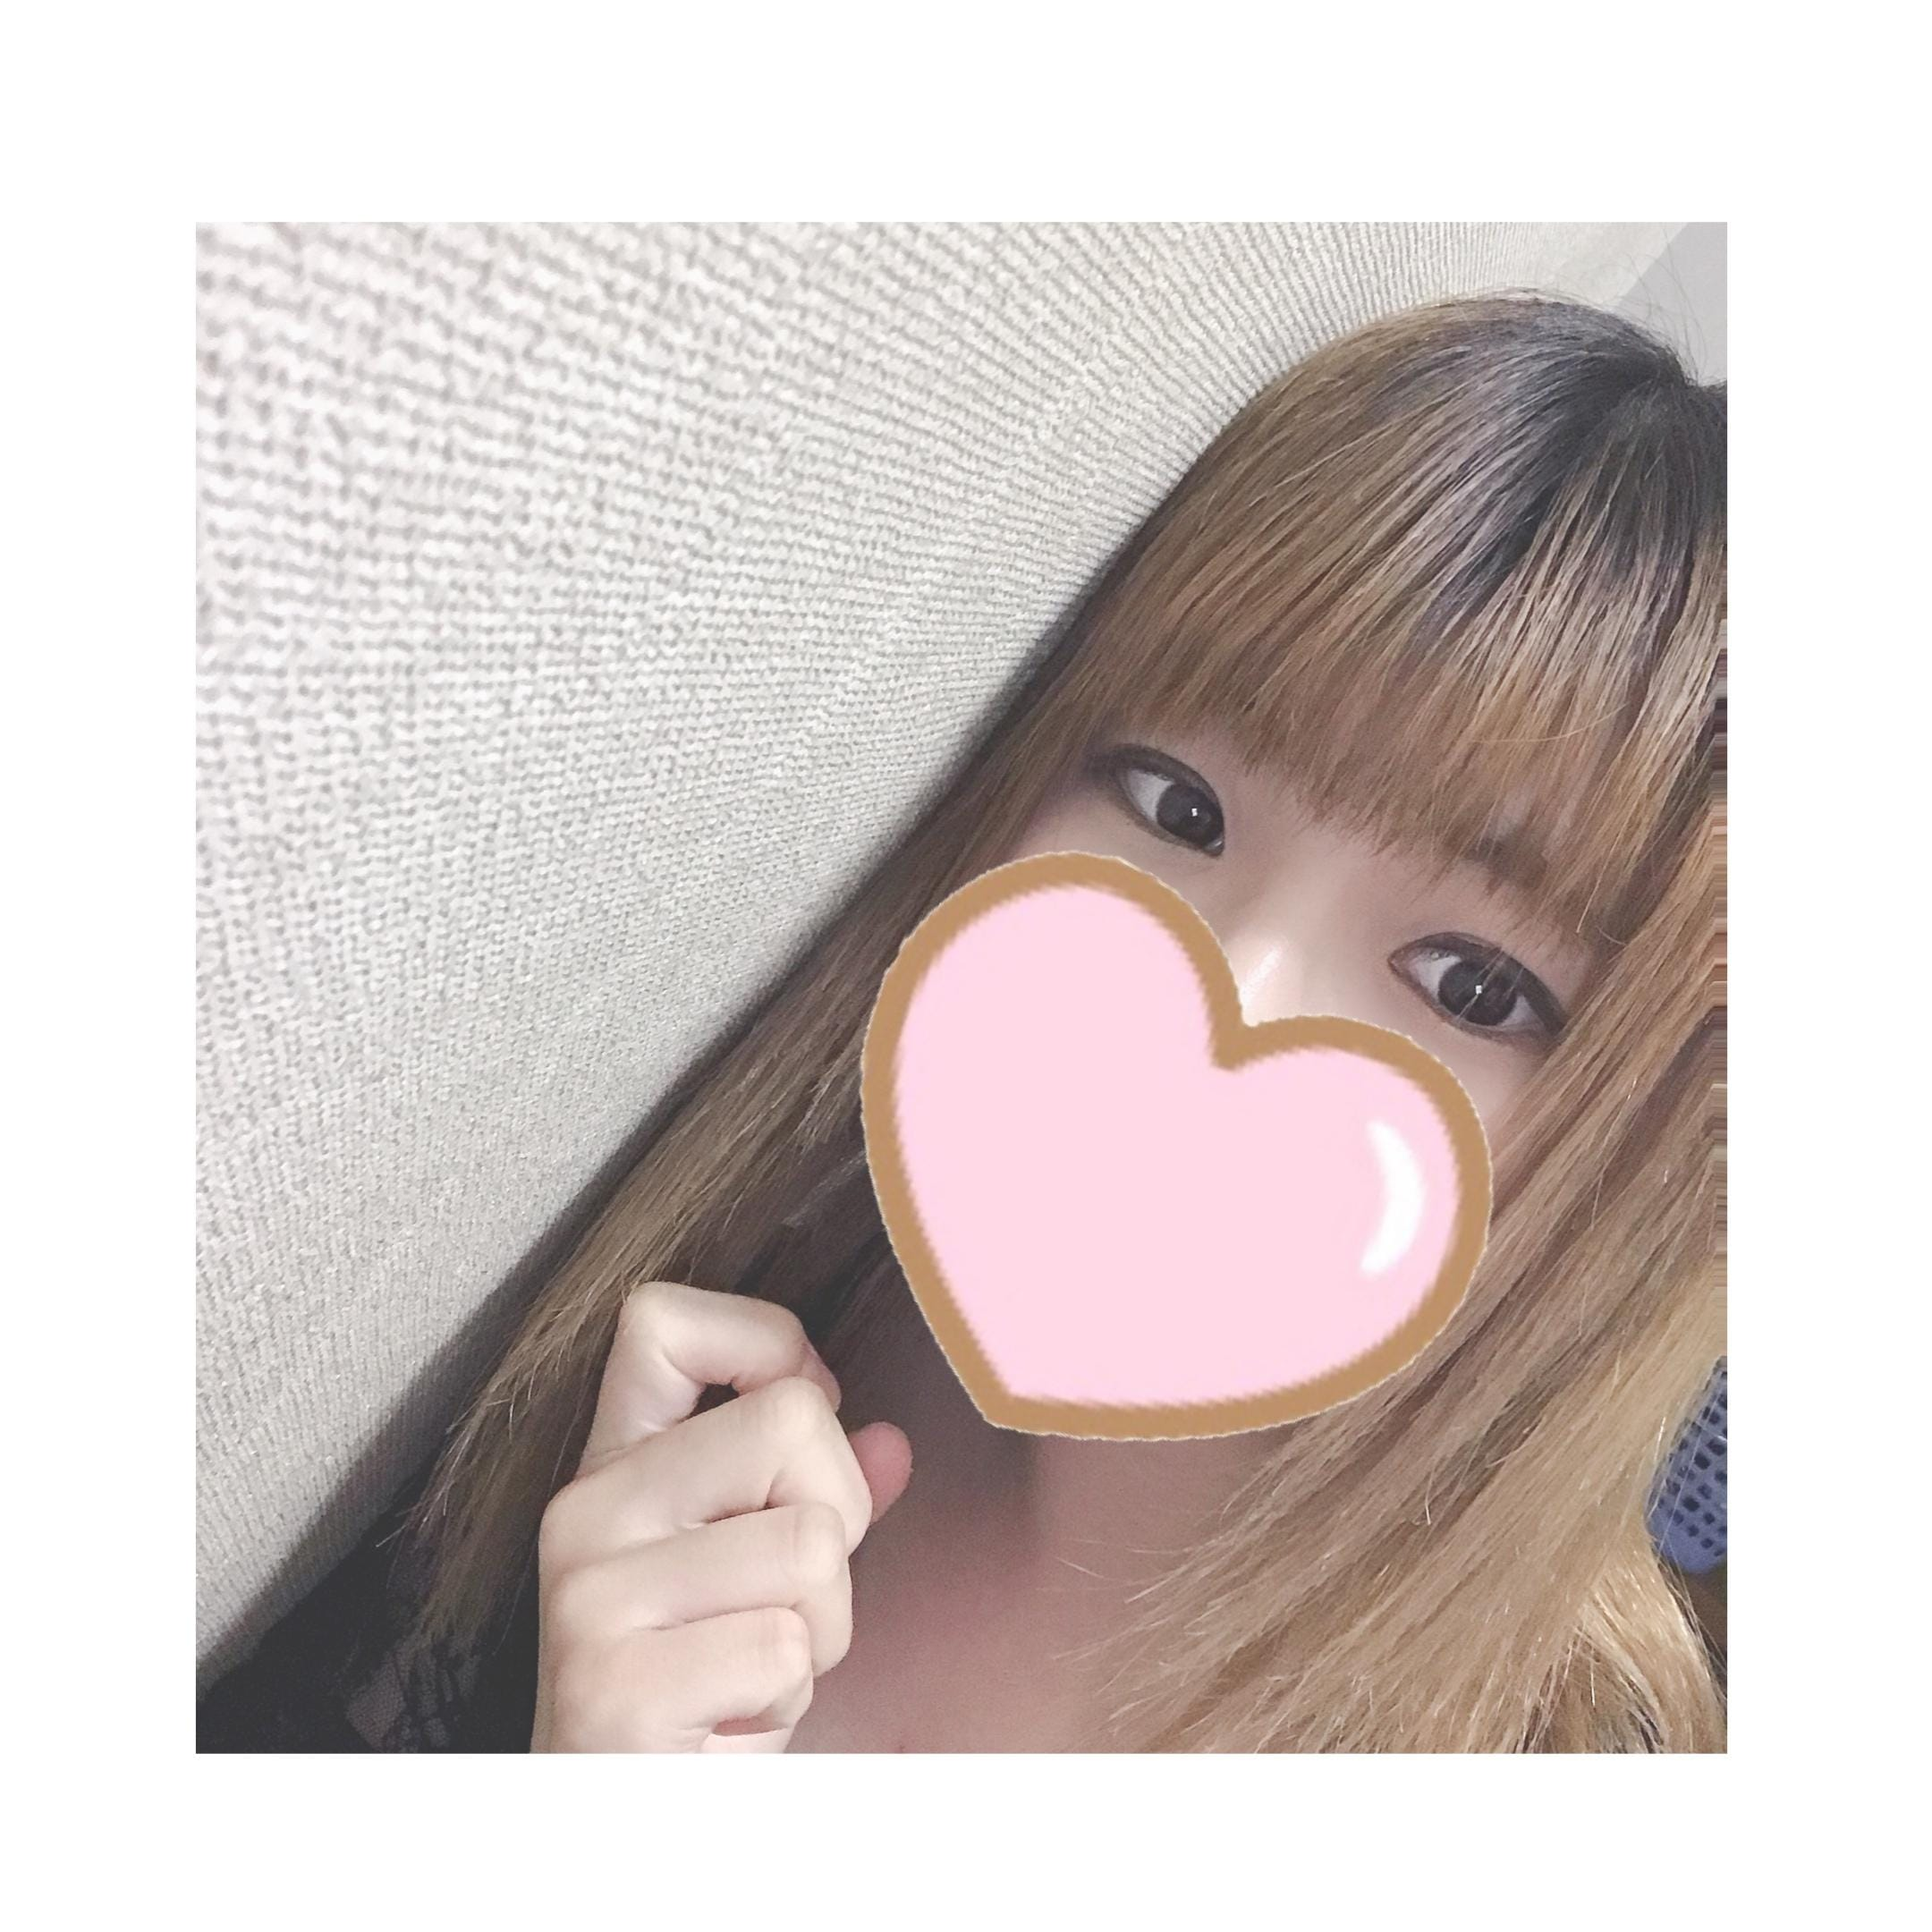 「こんばんは」11/09(11/09) 22:46   はなの写メ・風俗動画